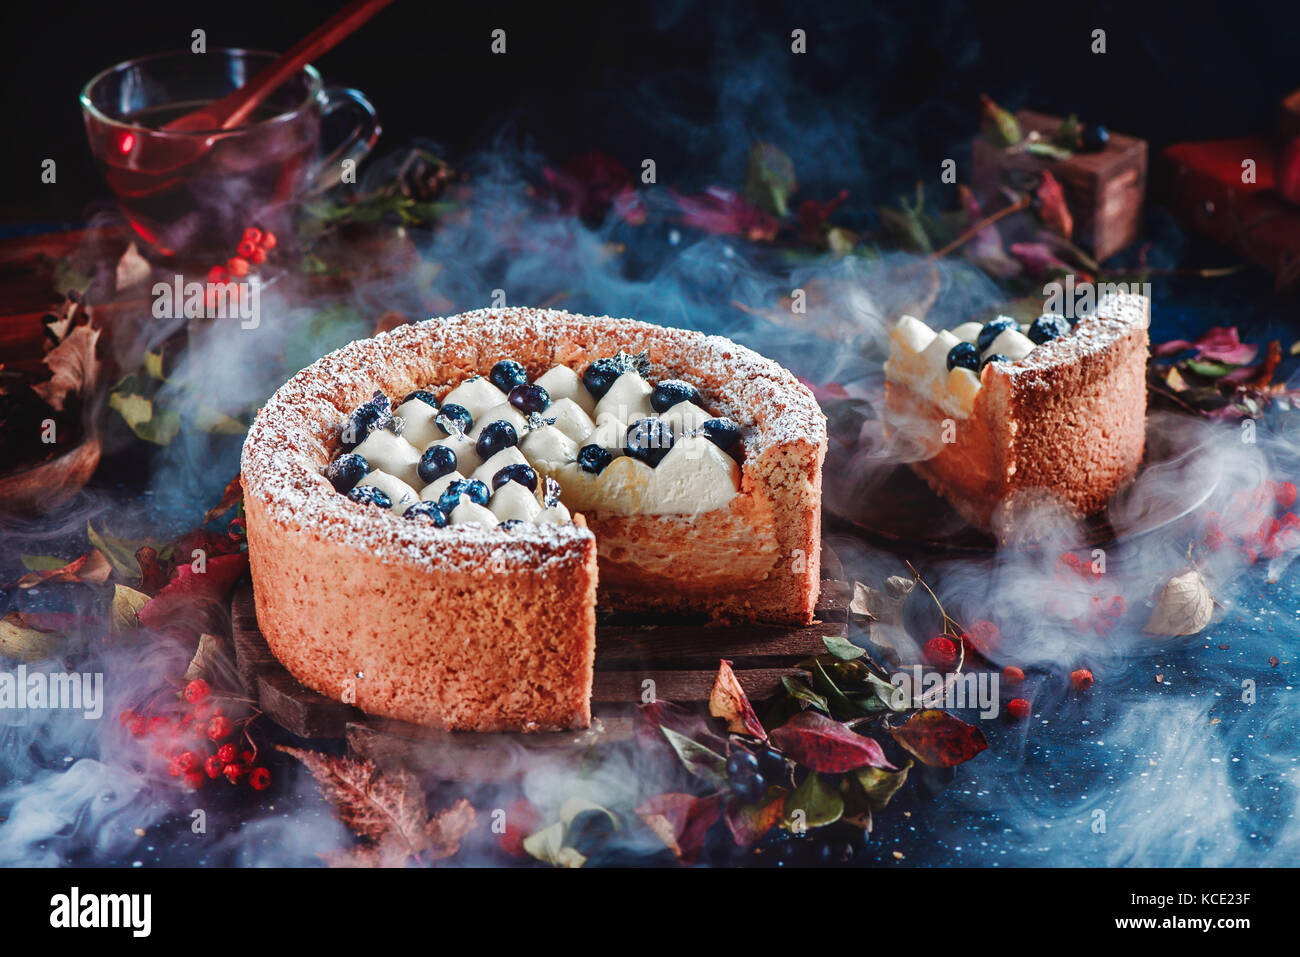 Cortar pastel con una costra de galletas de mantequilla sobre un fondo oscuro. un trozo de tarta con crema batida Imagen De Stock